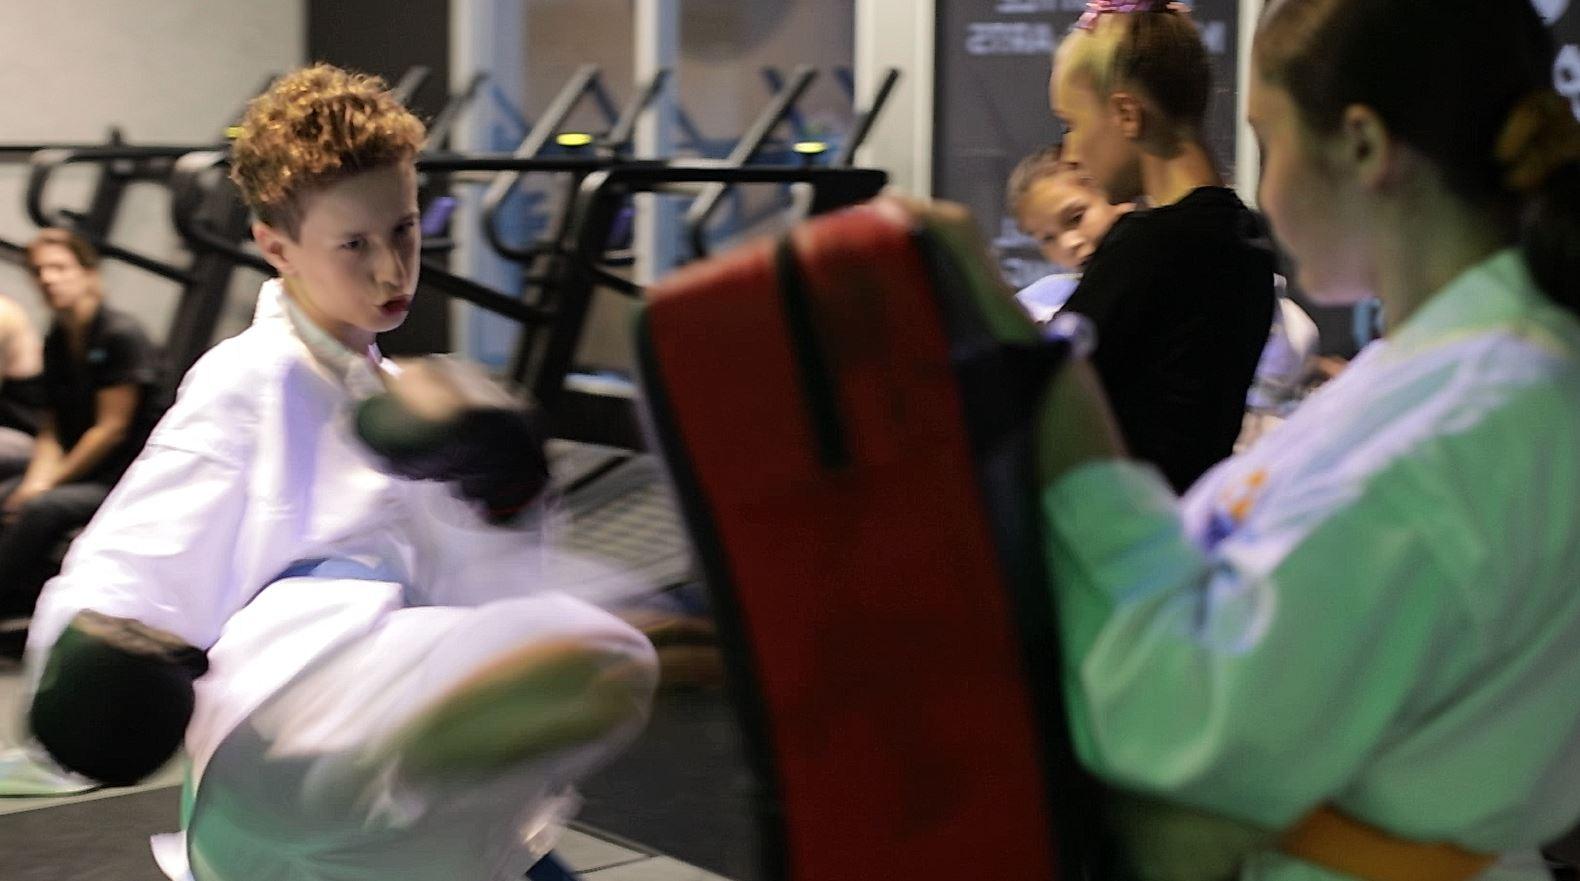 Bushidokai Karate Class Kick shield